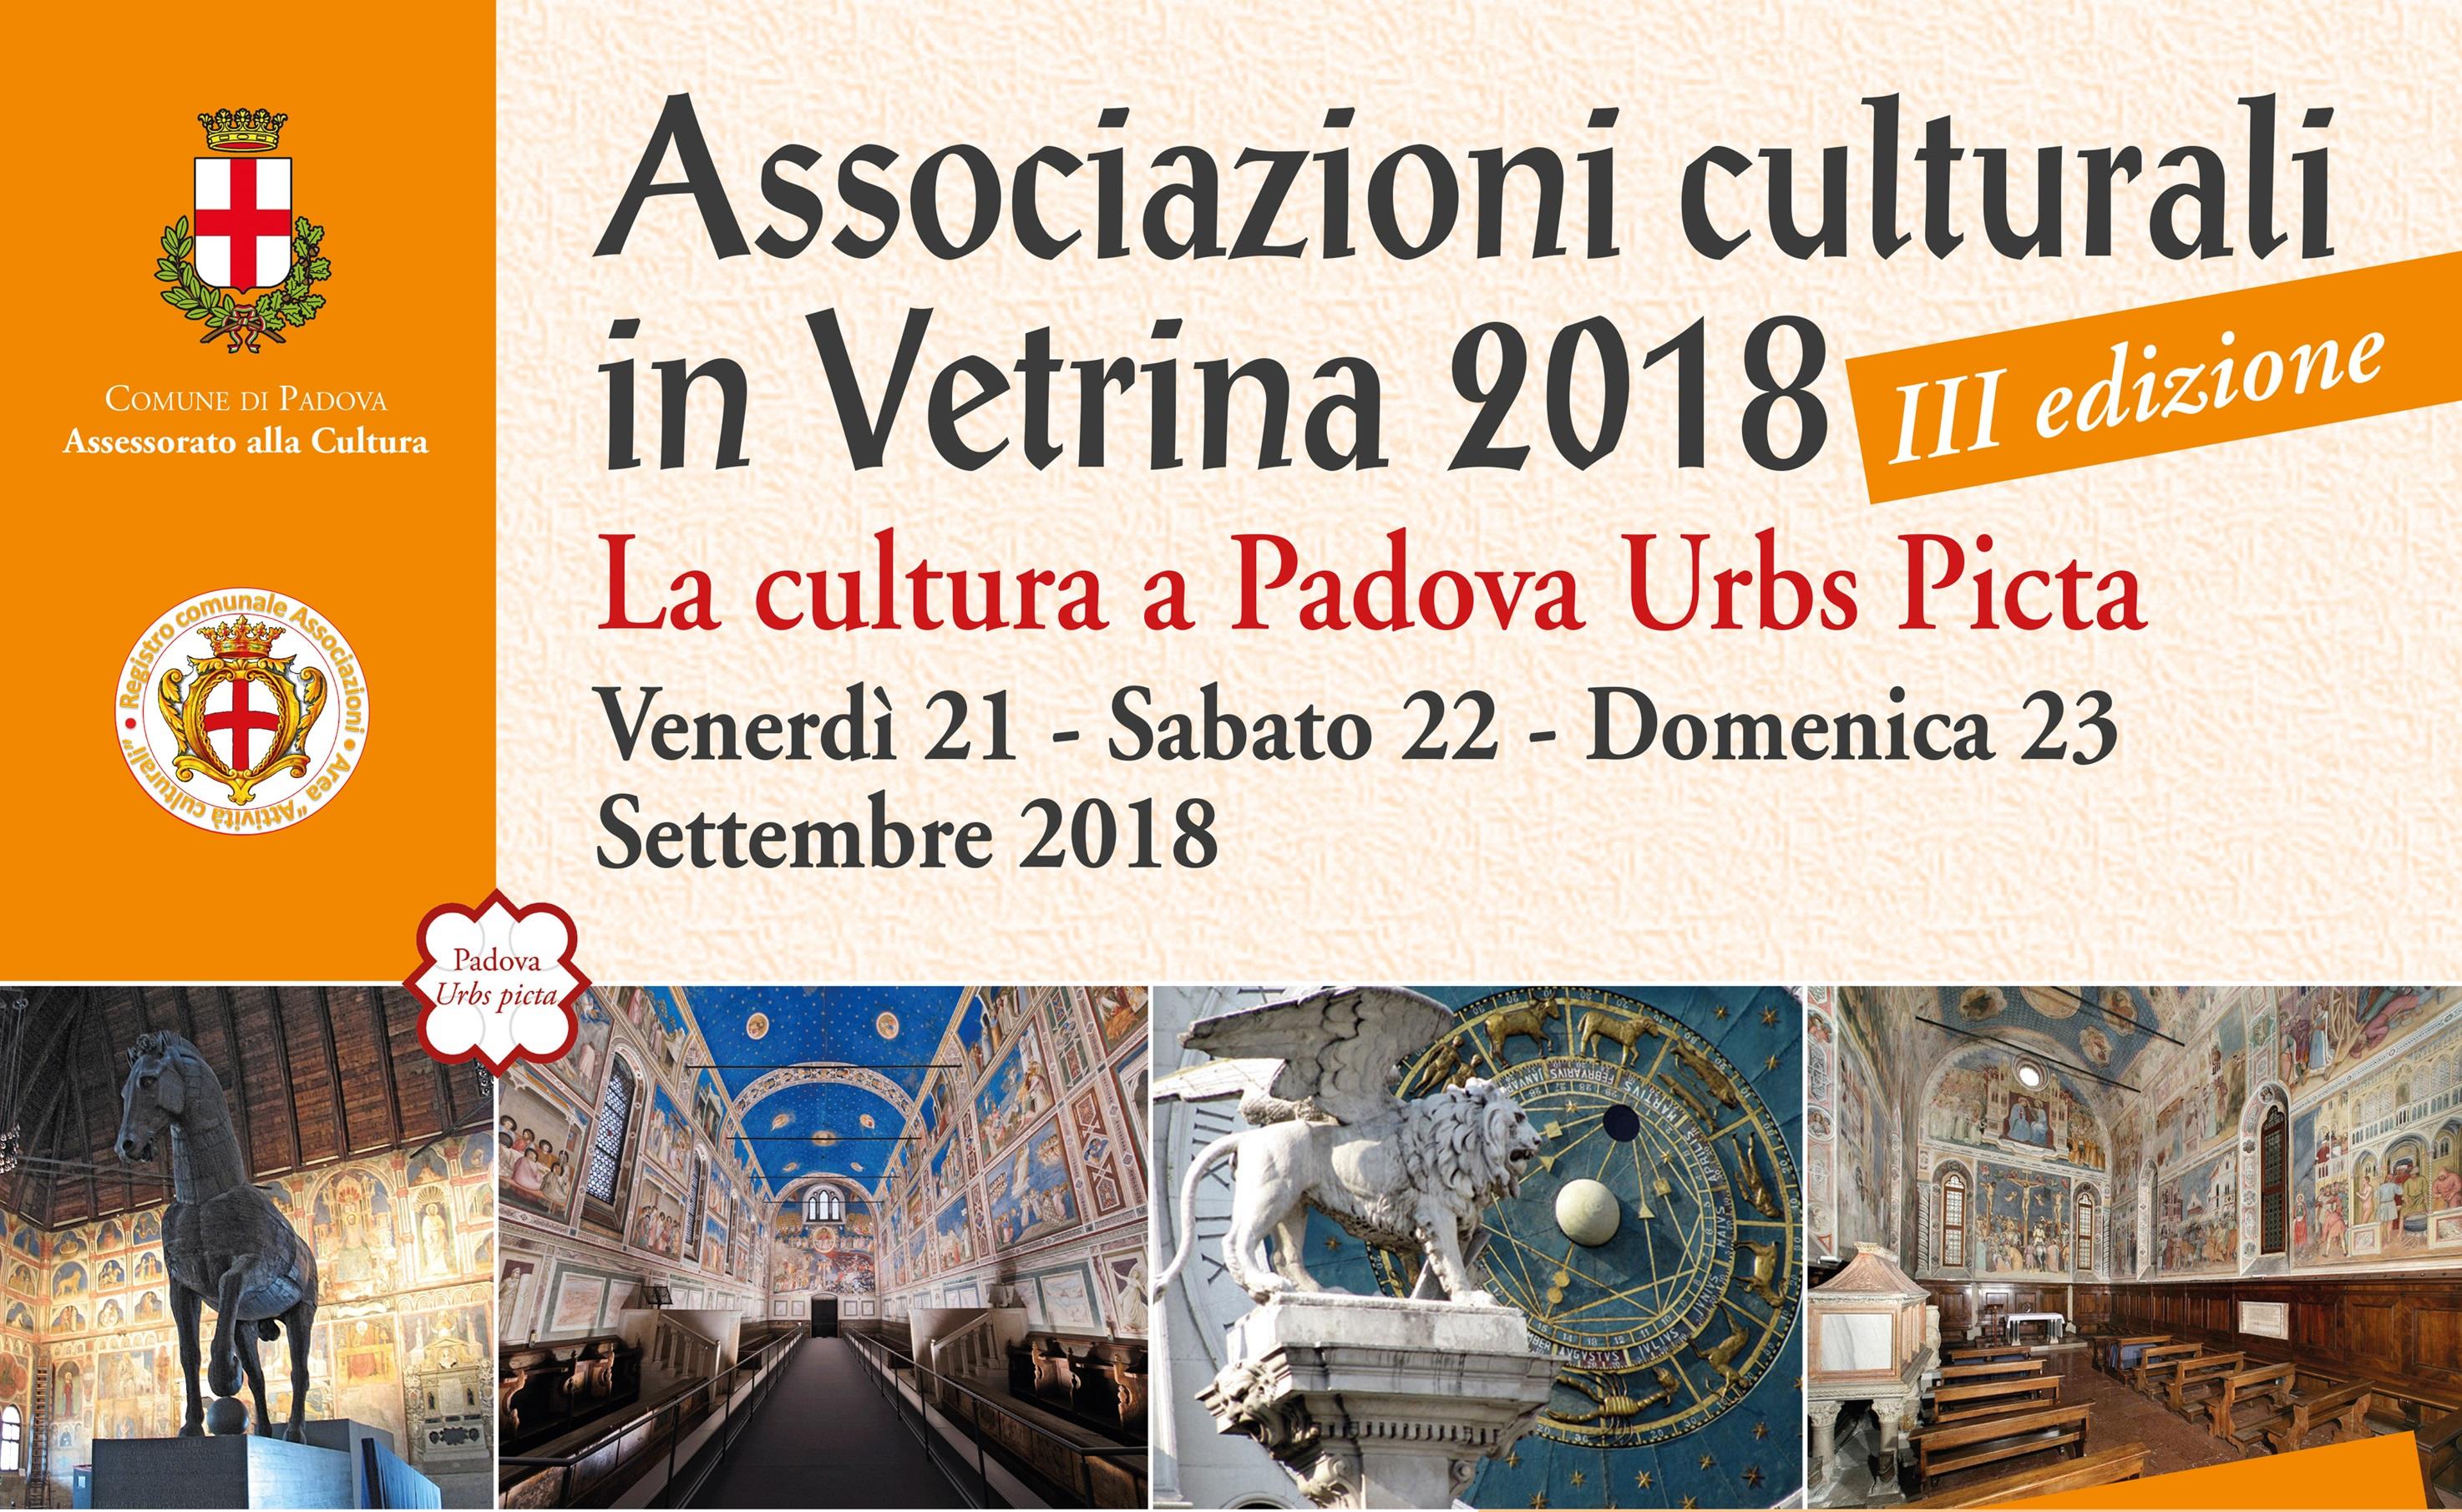 Associazioni Culturali in Vetrina 2018.